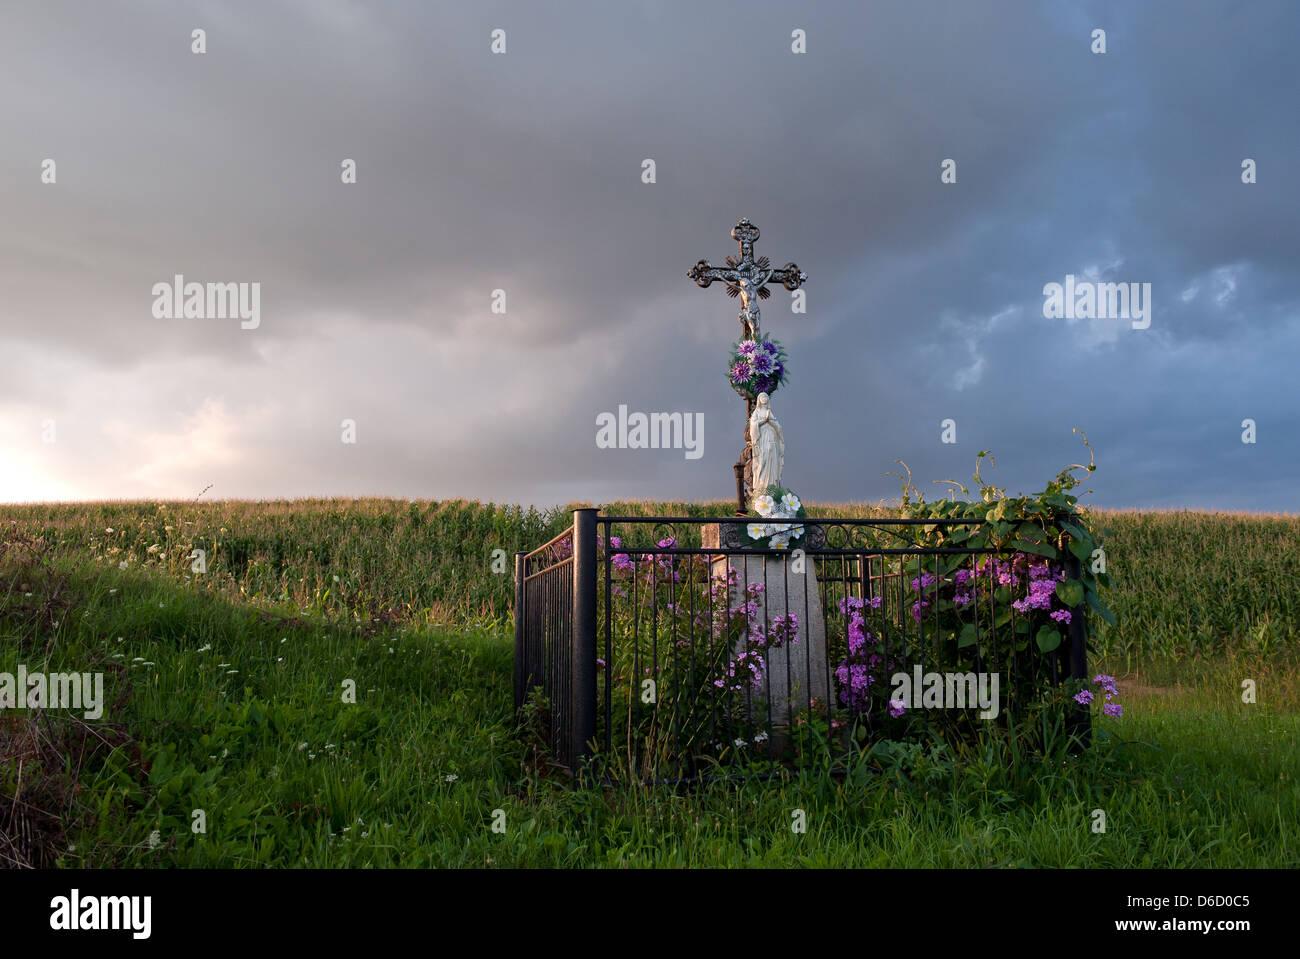 Tachty, Slovacchia, adornata statua con croce lungo la strada Immagini Stock